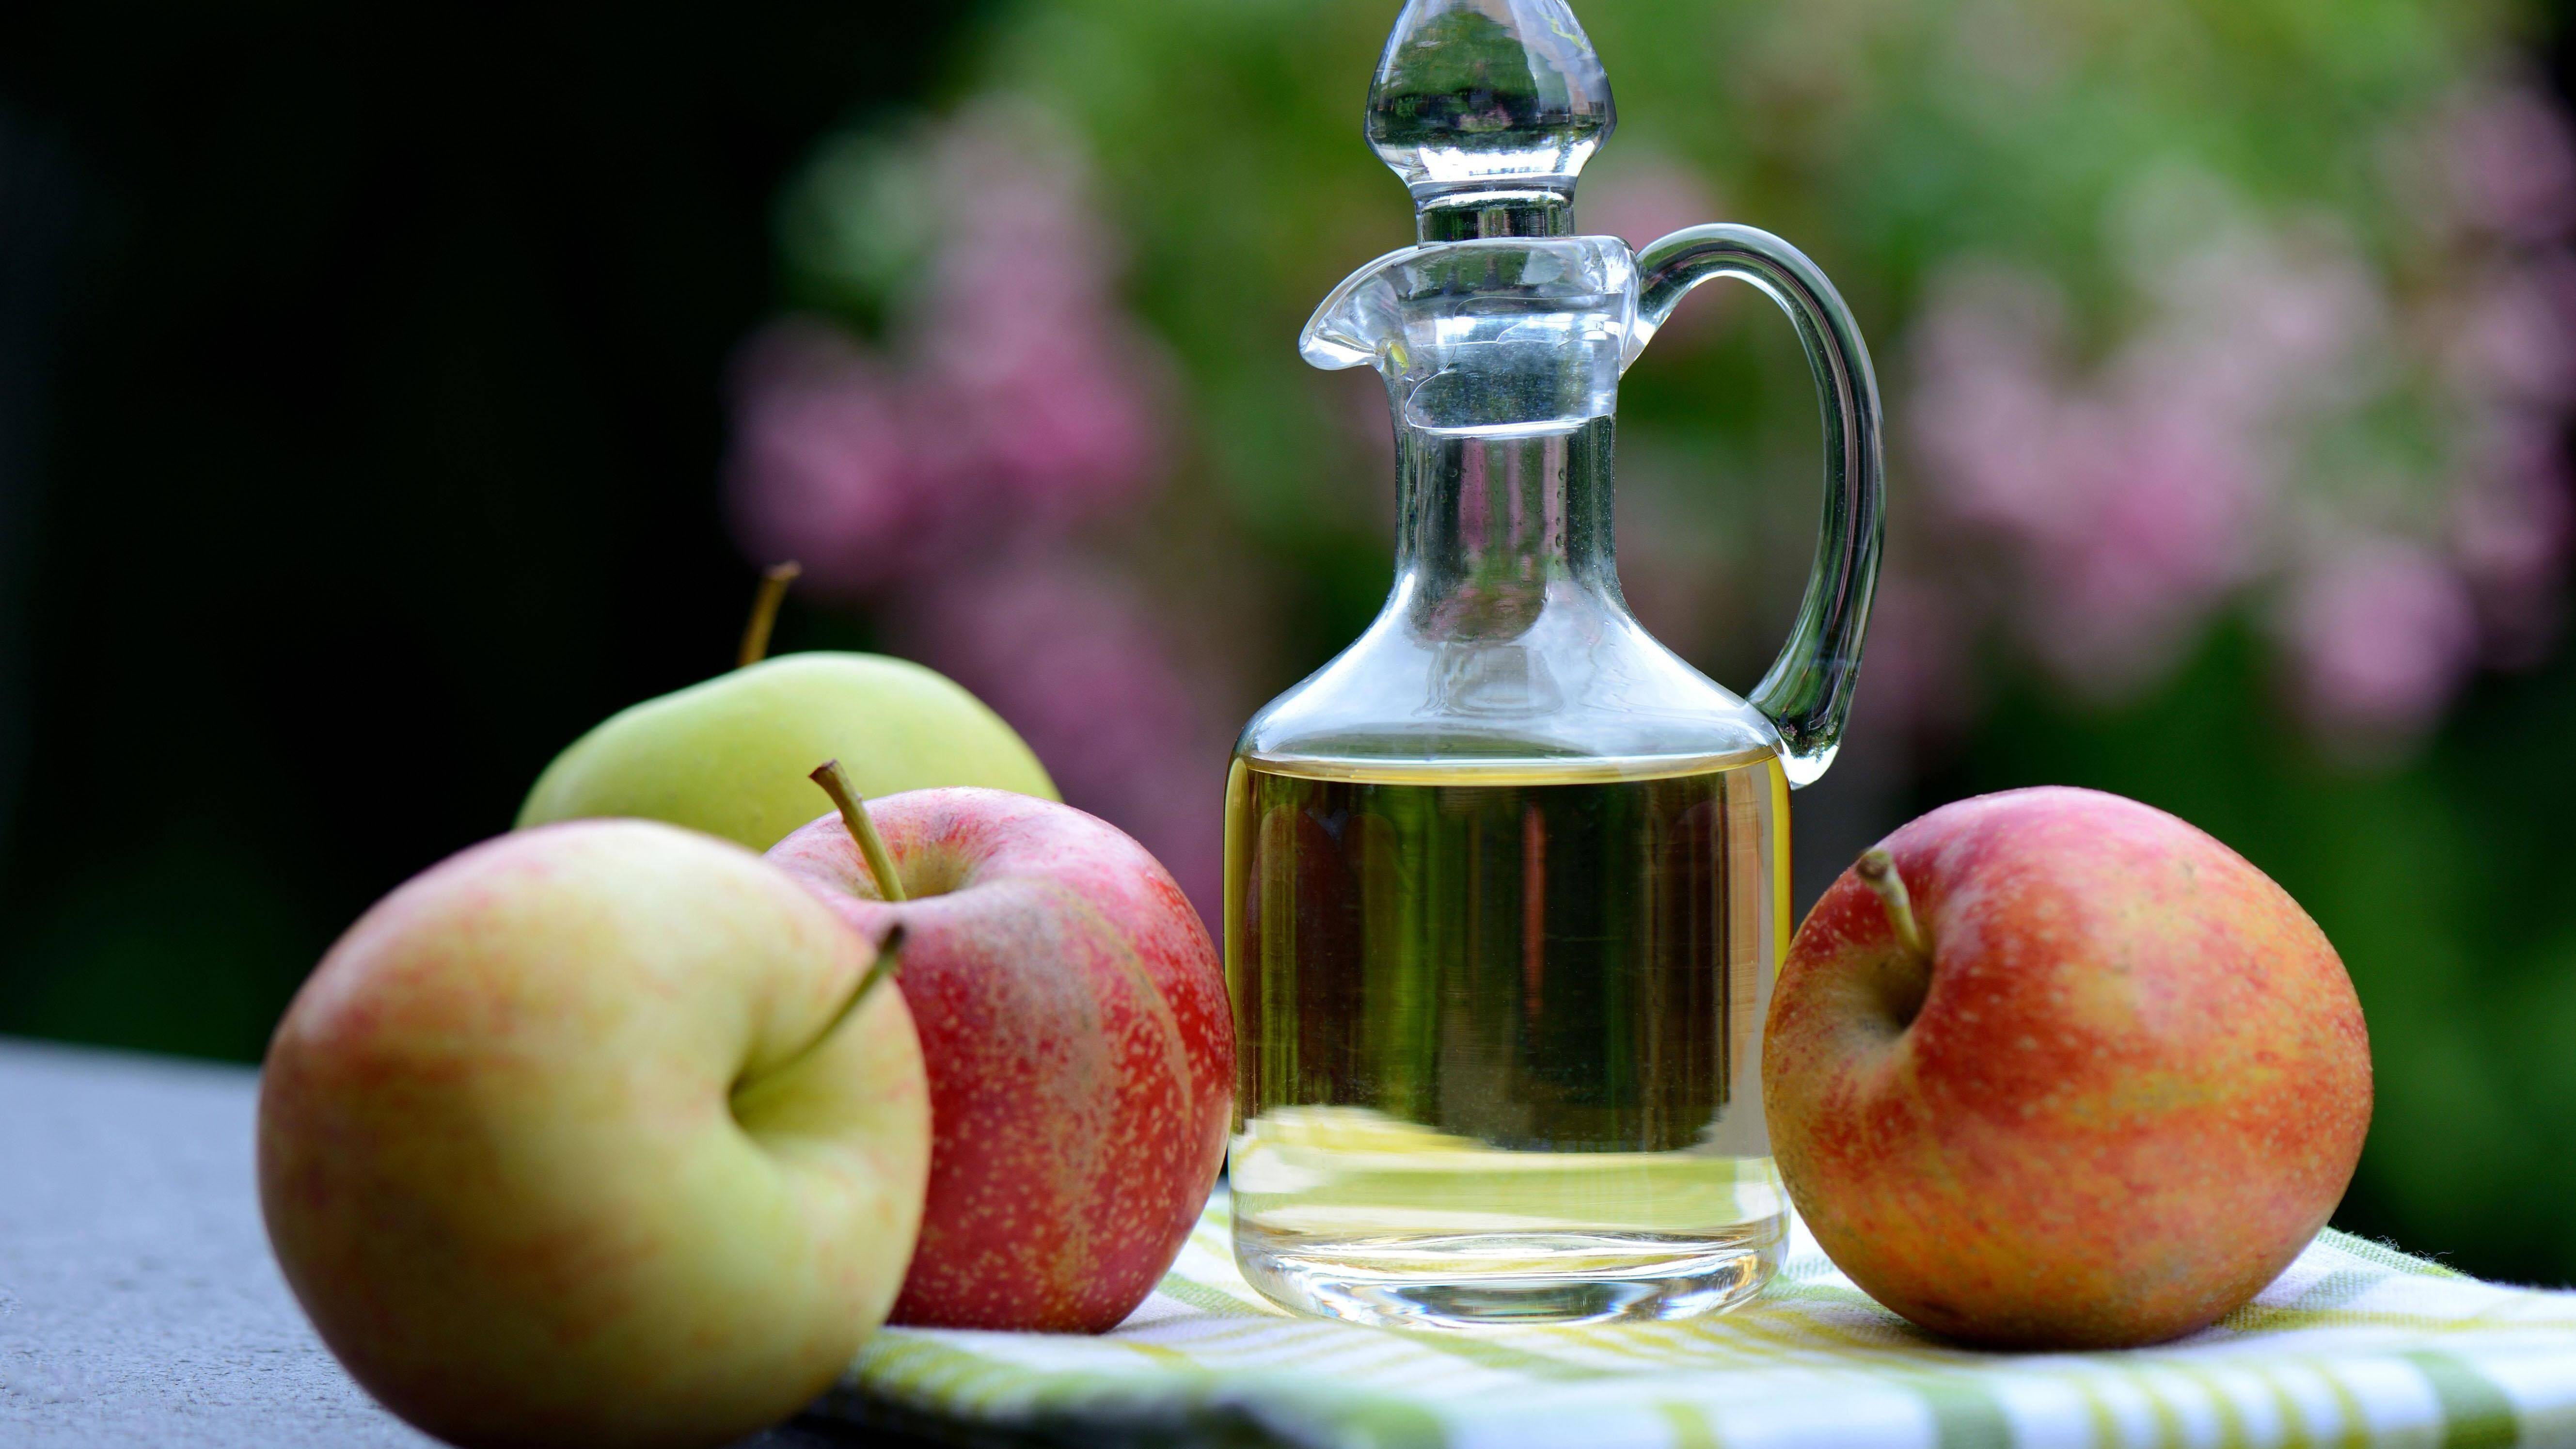 Wieviel Apfelessig am Tag? Alle Infos zu Dosis und Wirkung